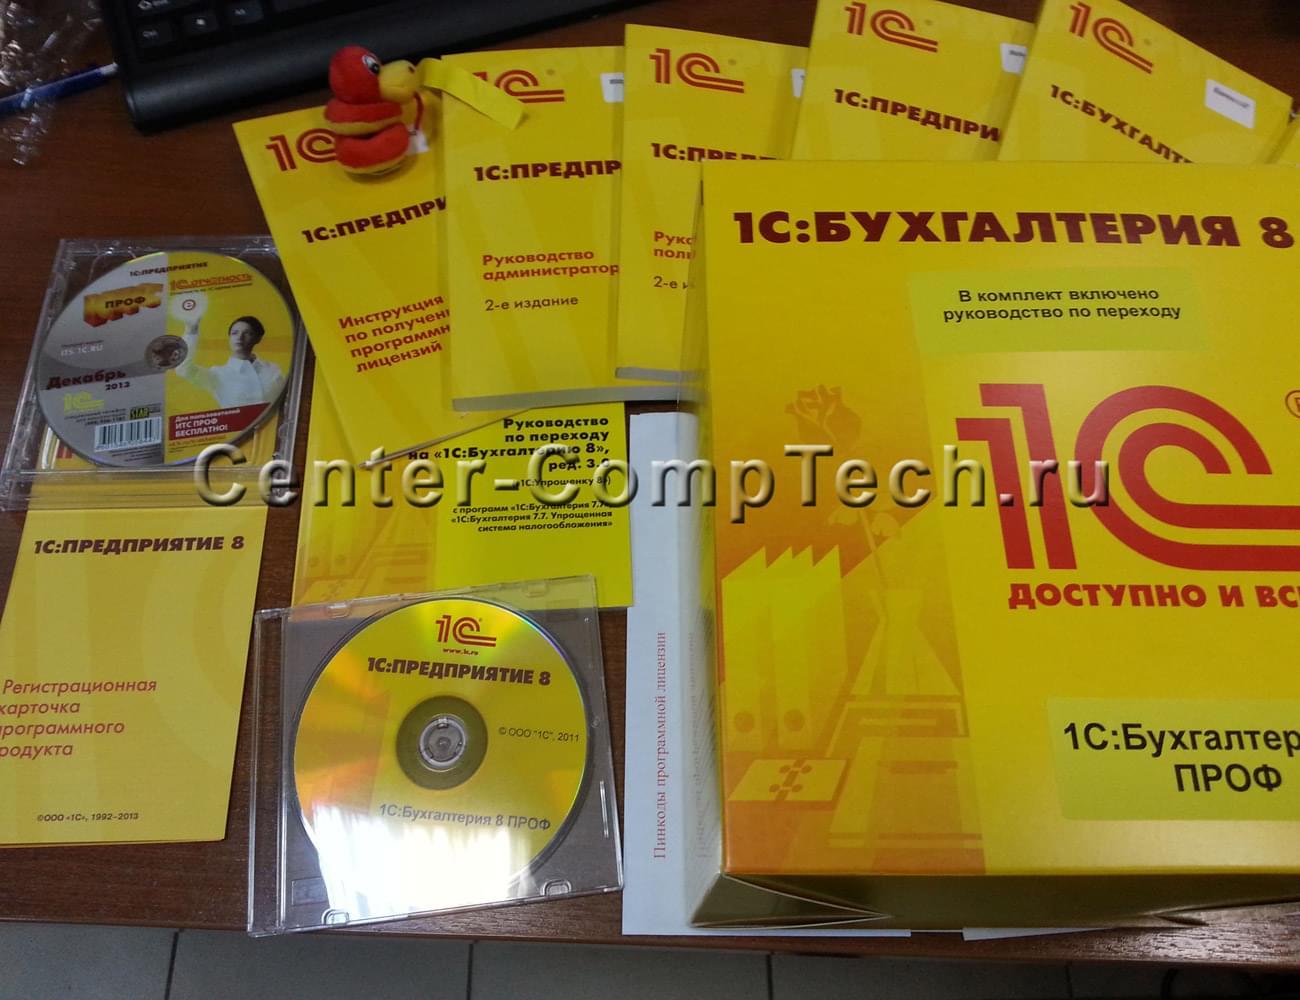 бюджетна бухгалтерія журнал україни 2013